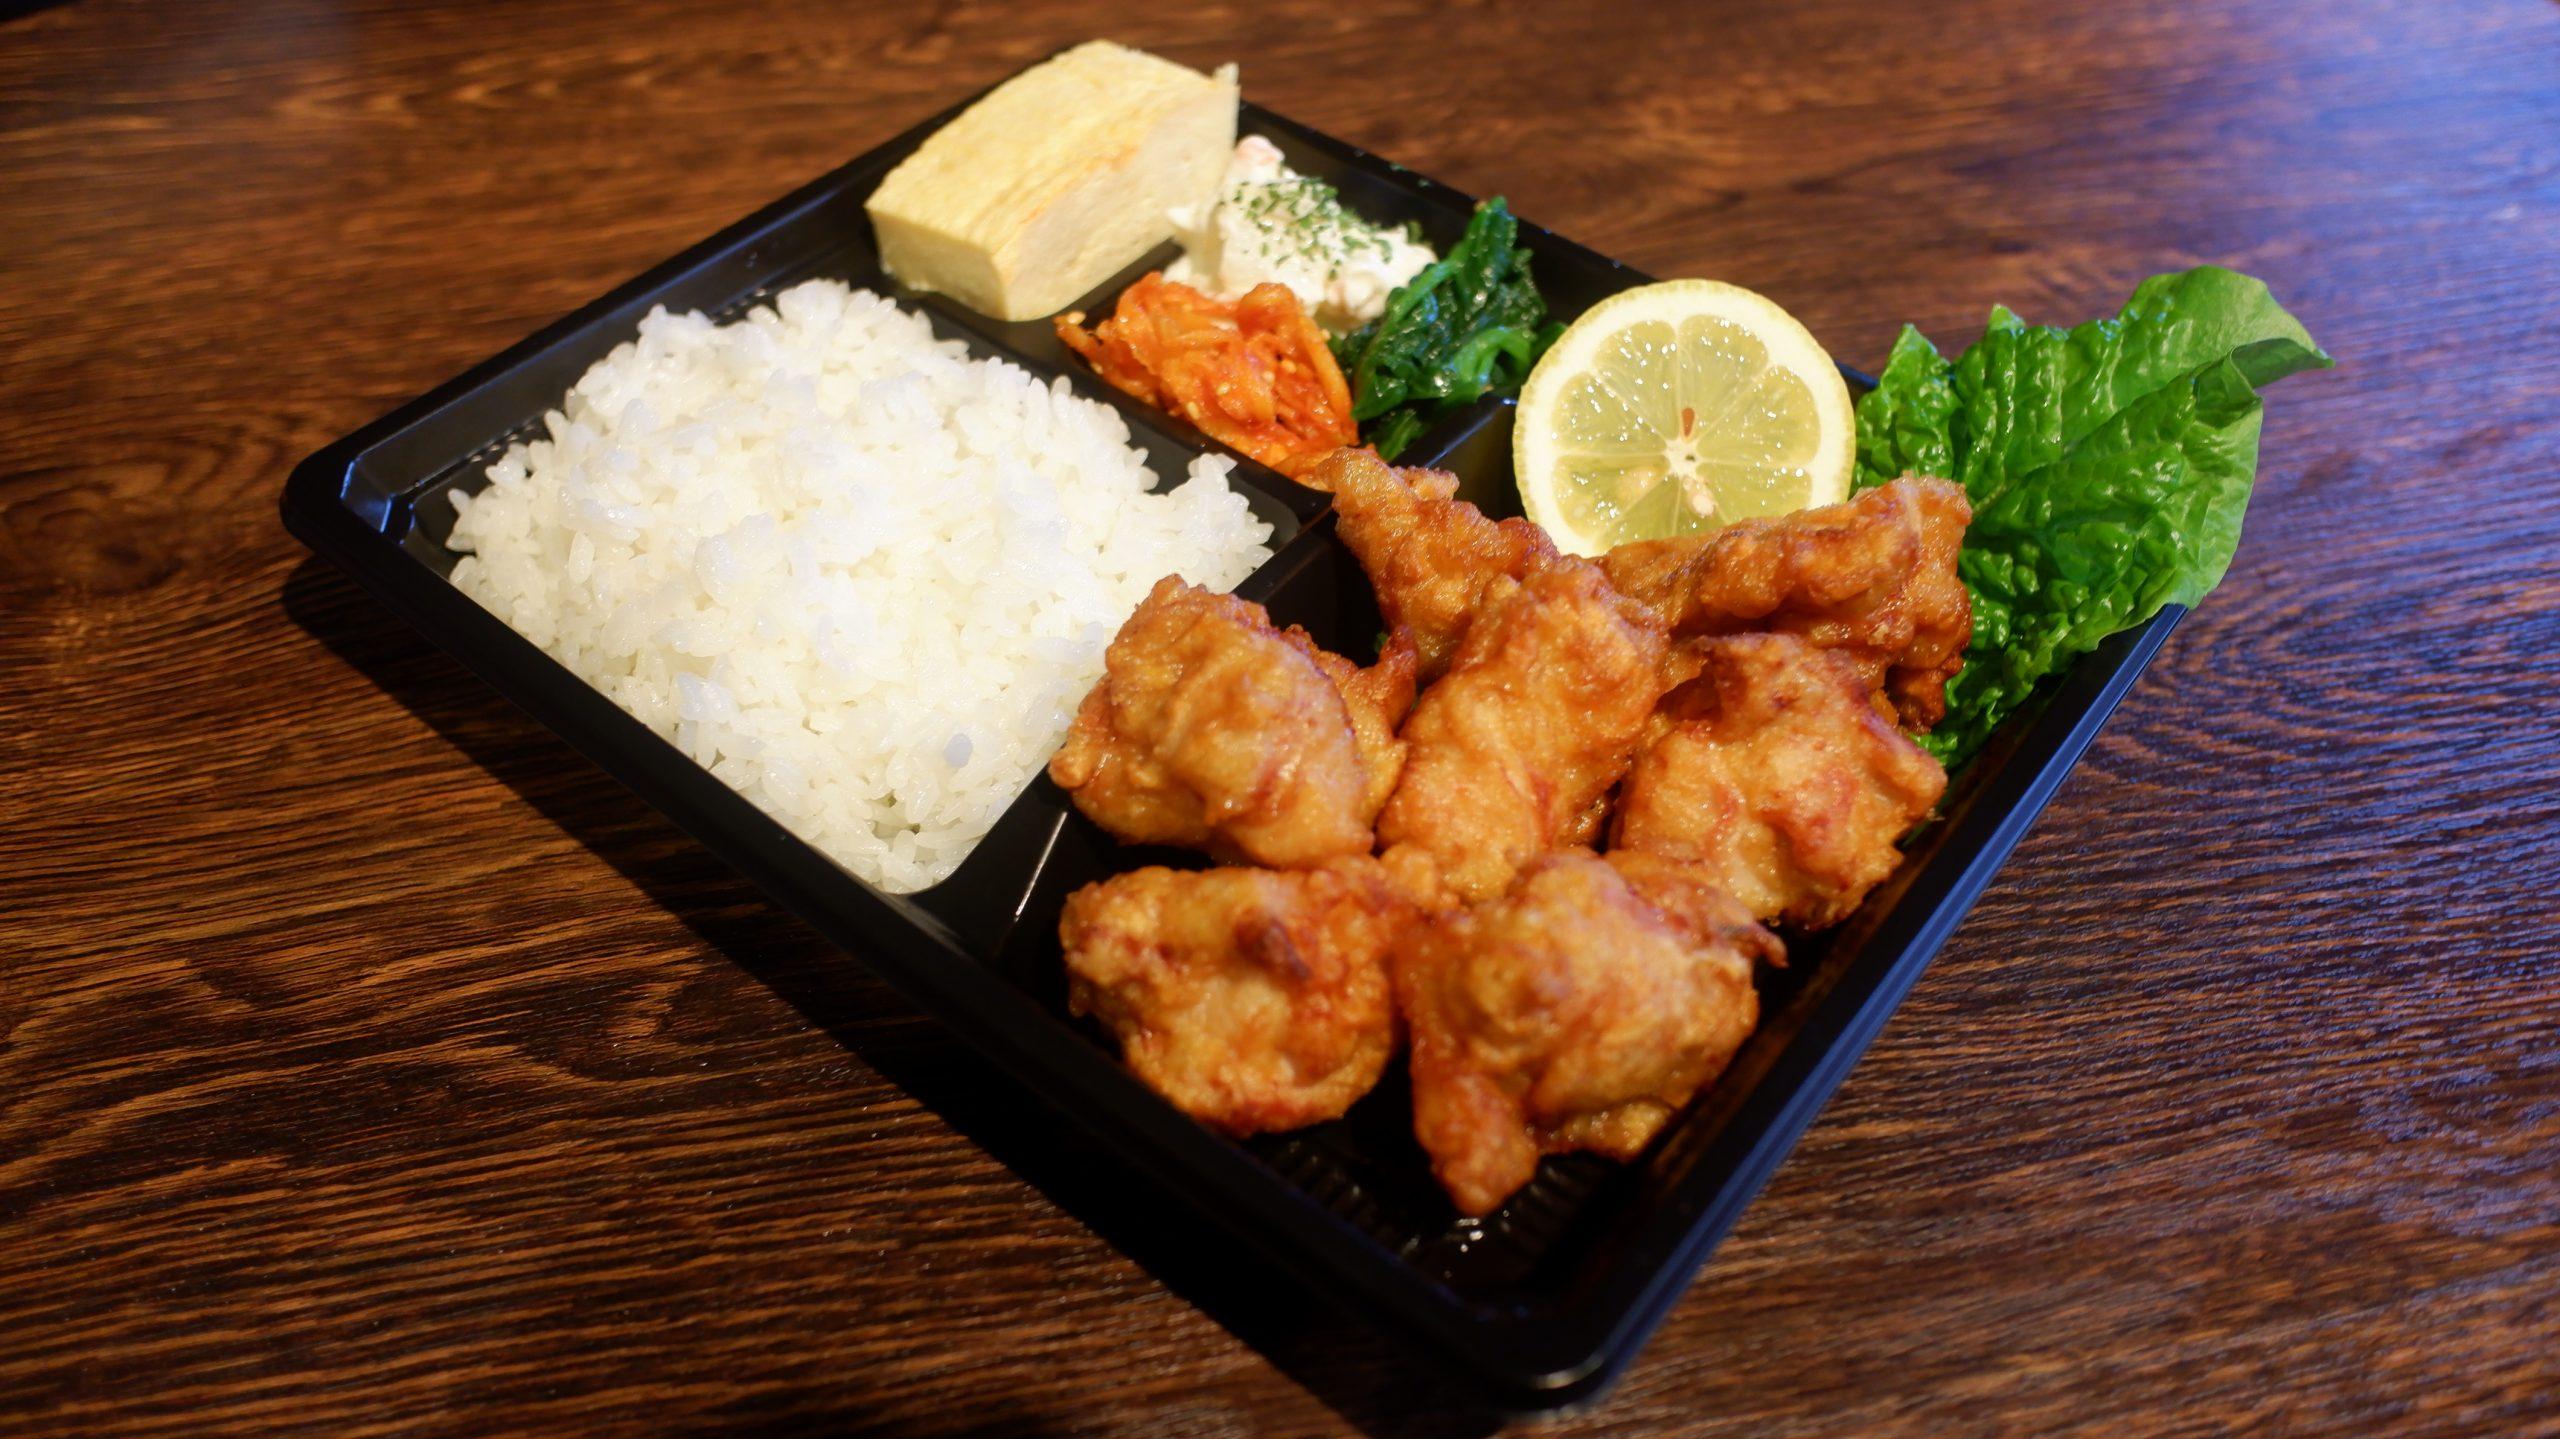 国産鶏の唐揚げをたっぷり使用!お弁当といえばやっぱりコレ!